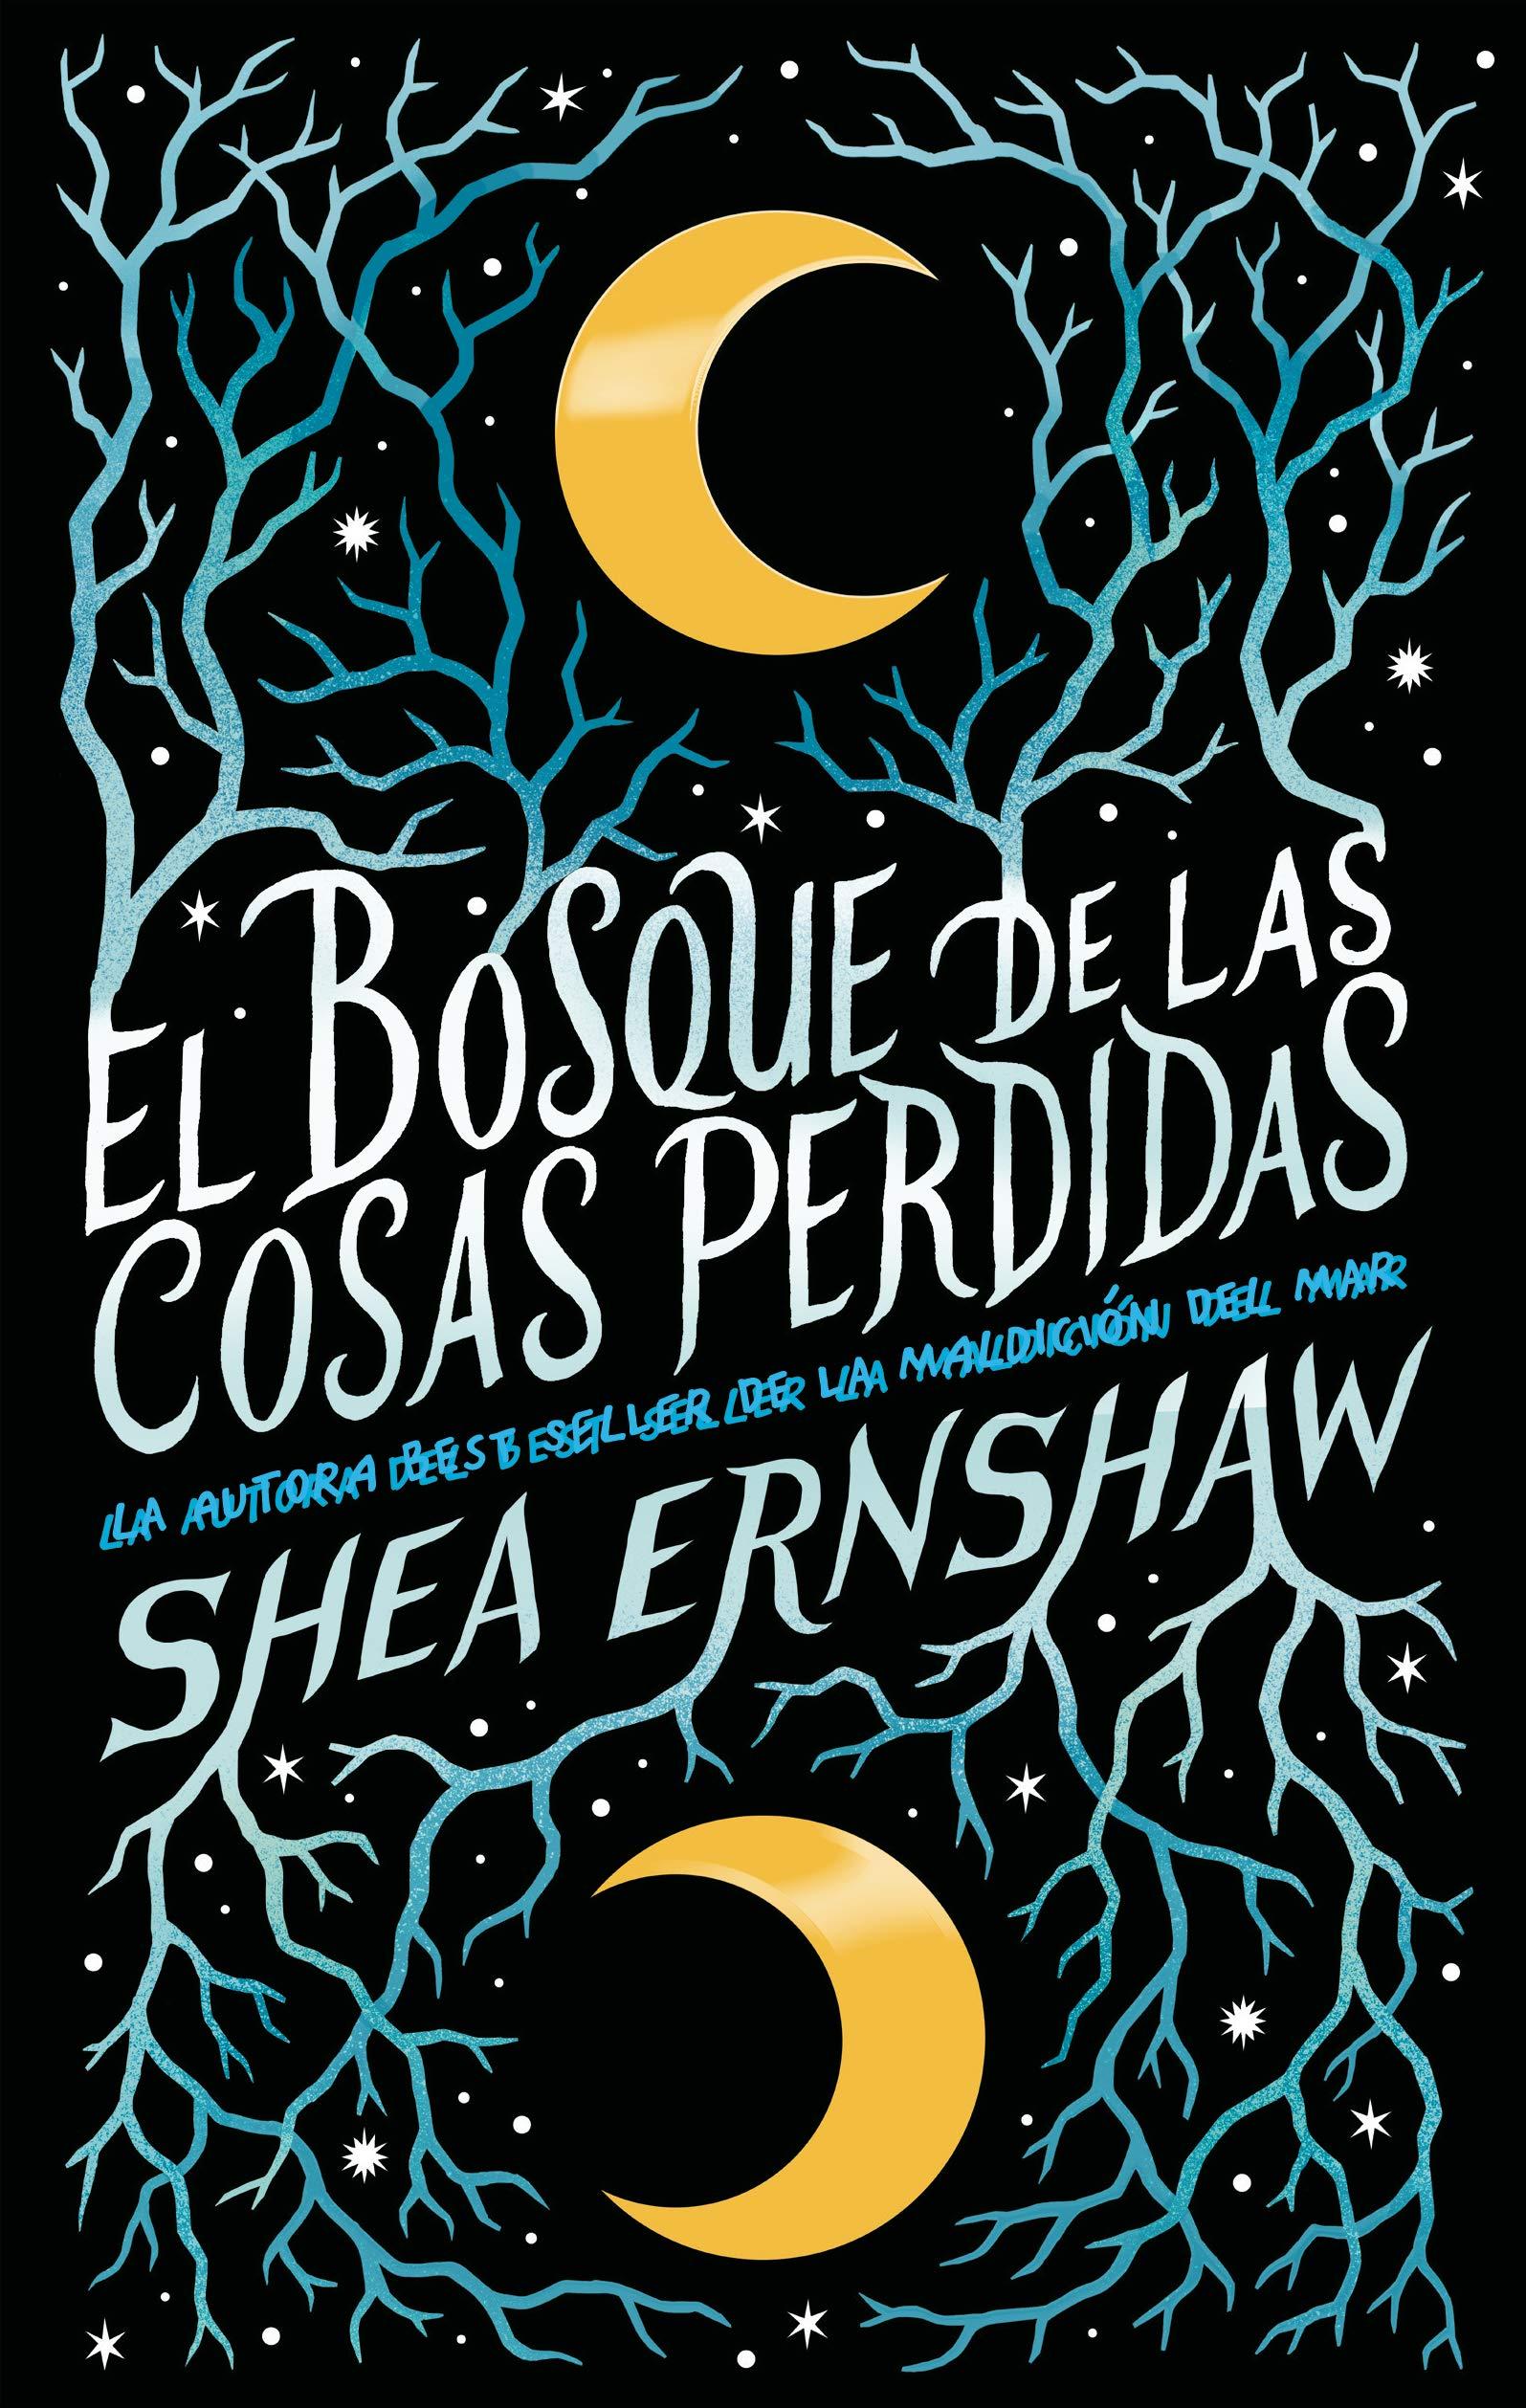 El bosque de las cosas perdidas (#Fantasy): Amazon.es: ERNSHAW, SHEA, Fusco, Vanesa Laura: Libros